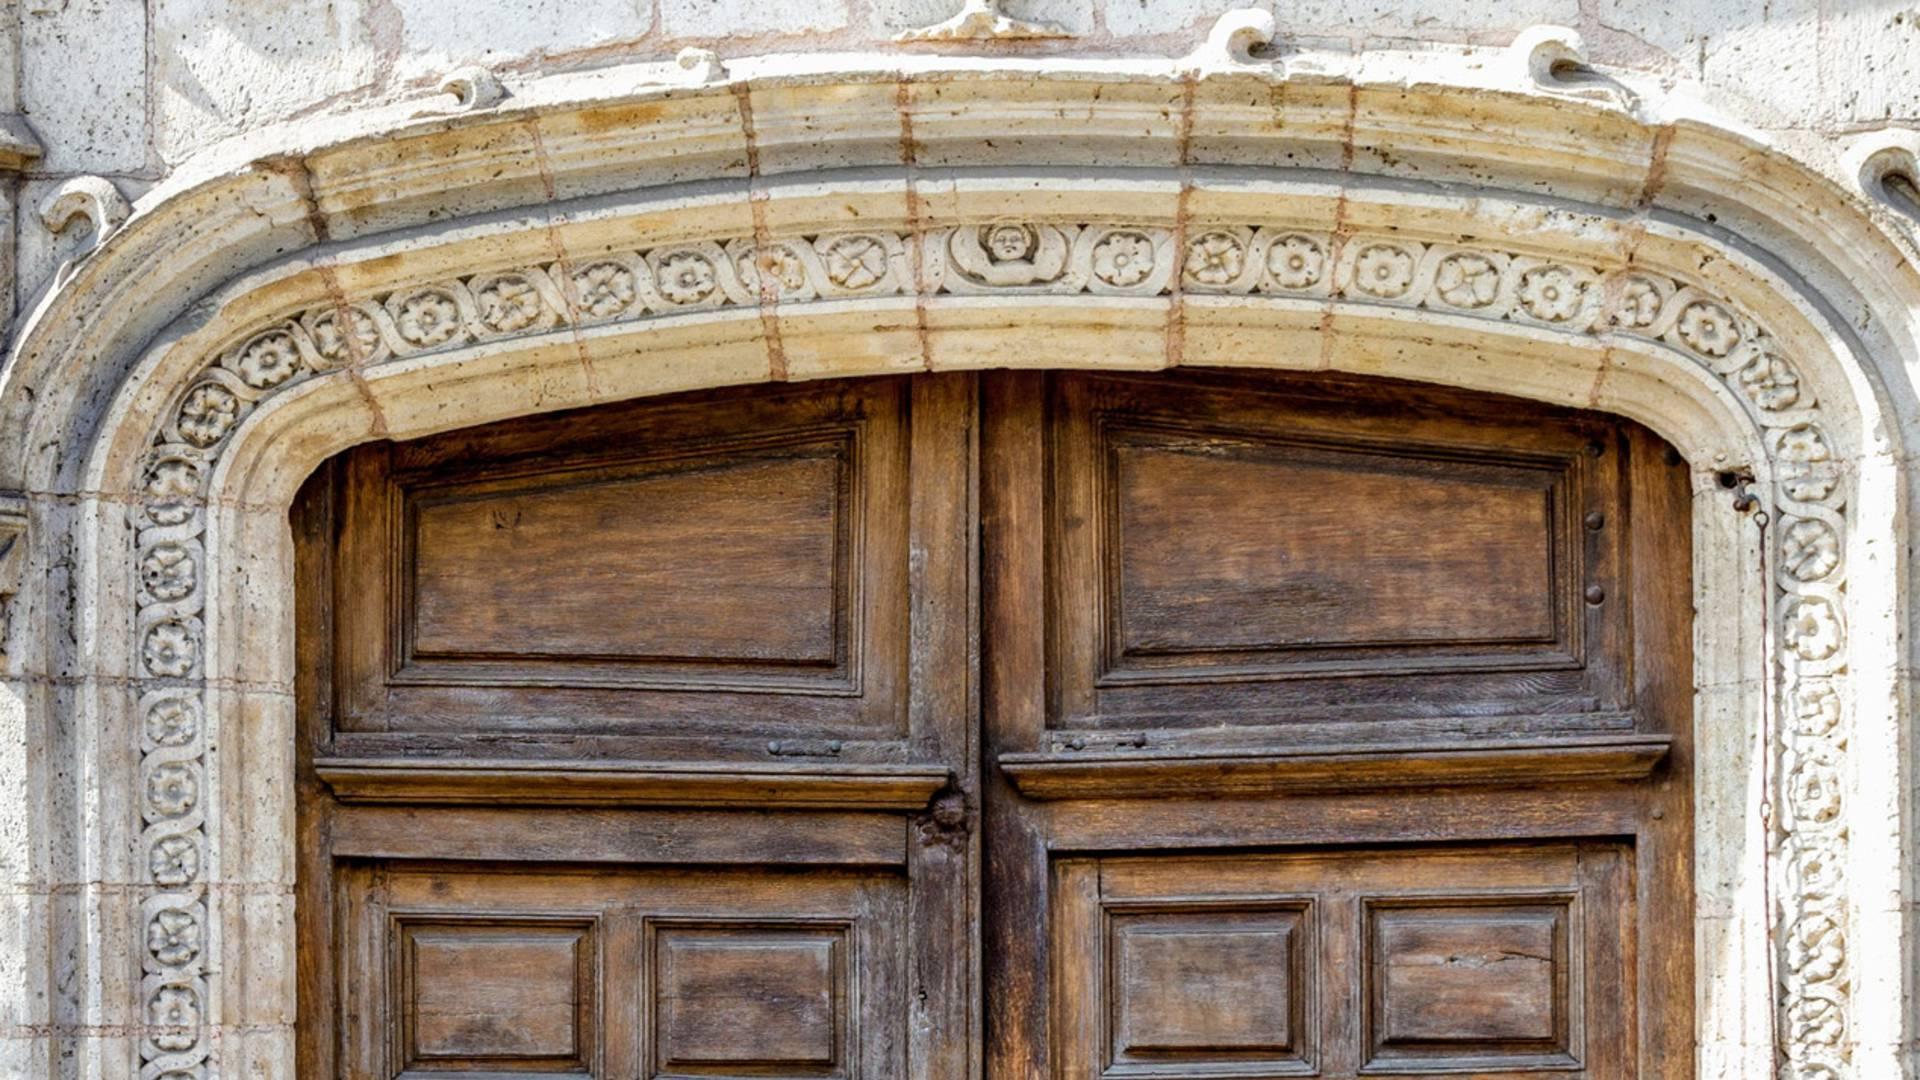 Porte d'entrée de l'Hôtel de Champrond